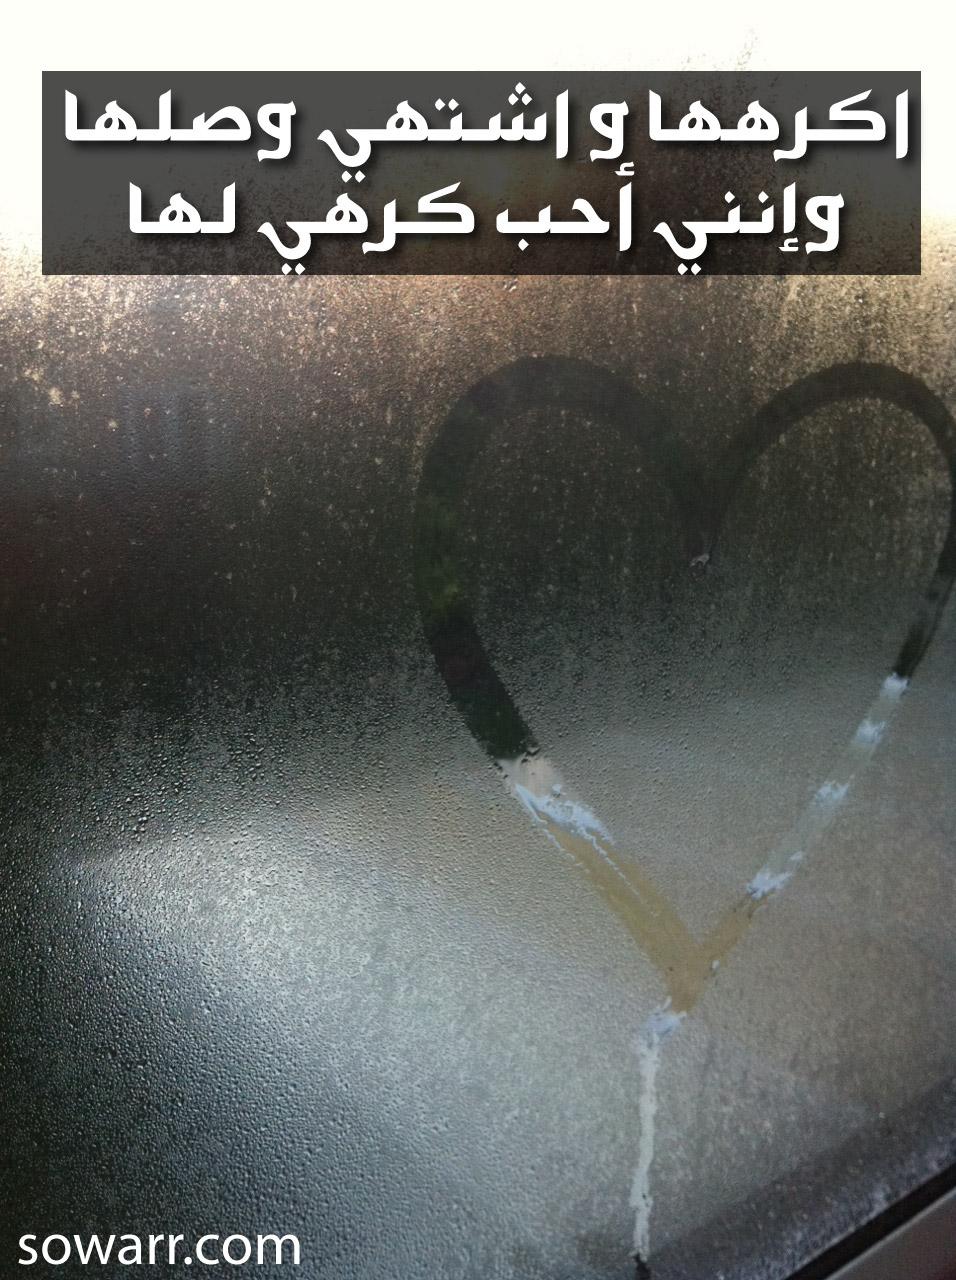 بالصور صور عن الكره , اروع صور عن الكره 4938 10